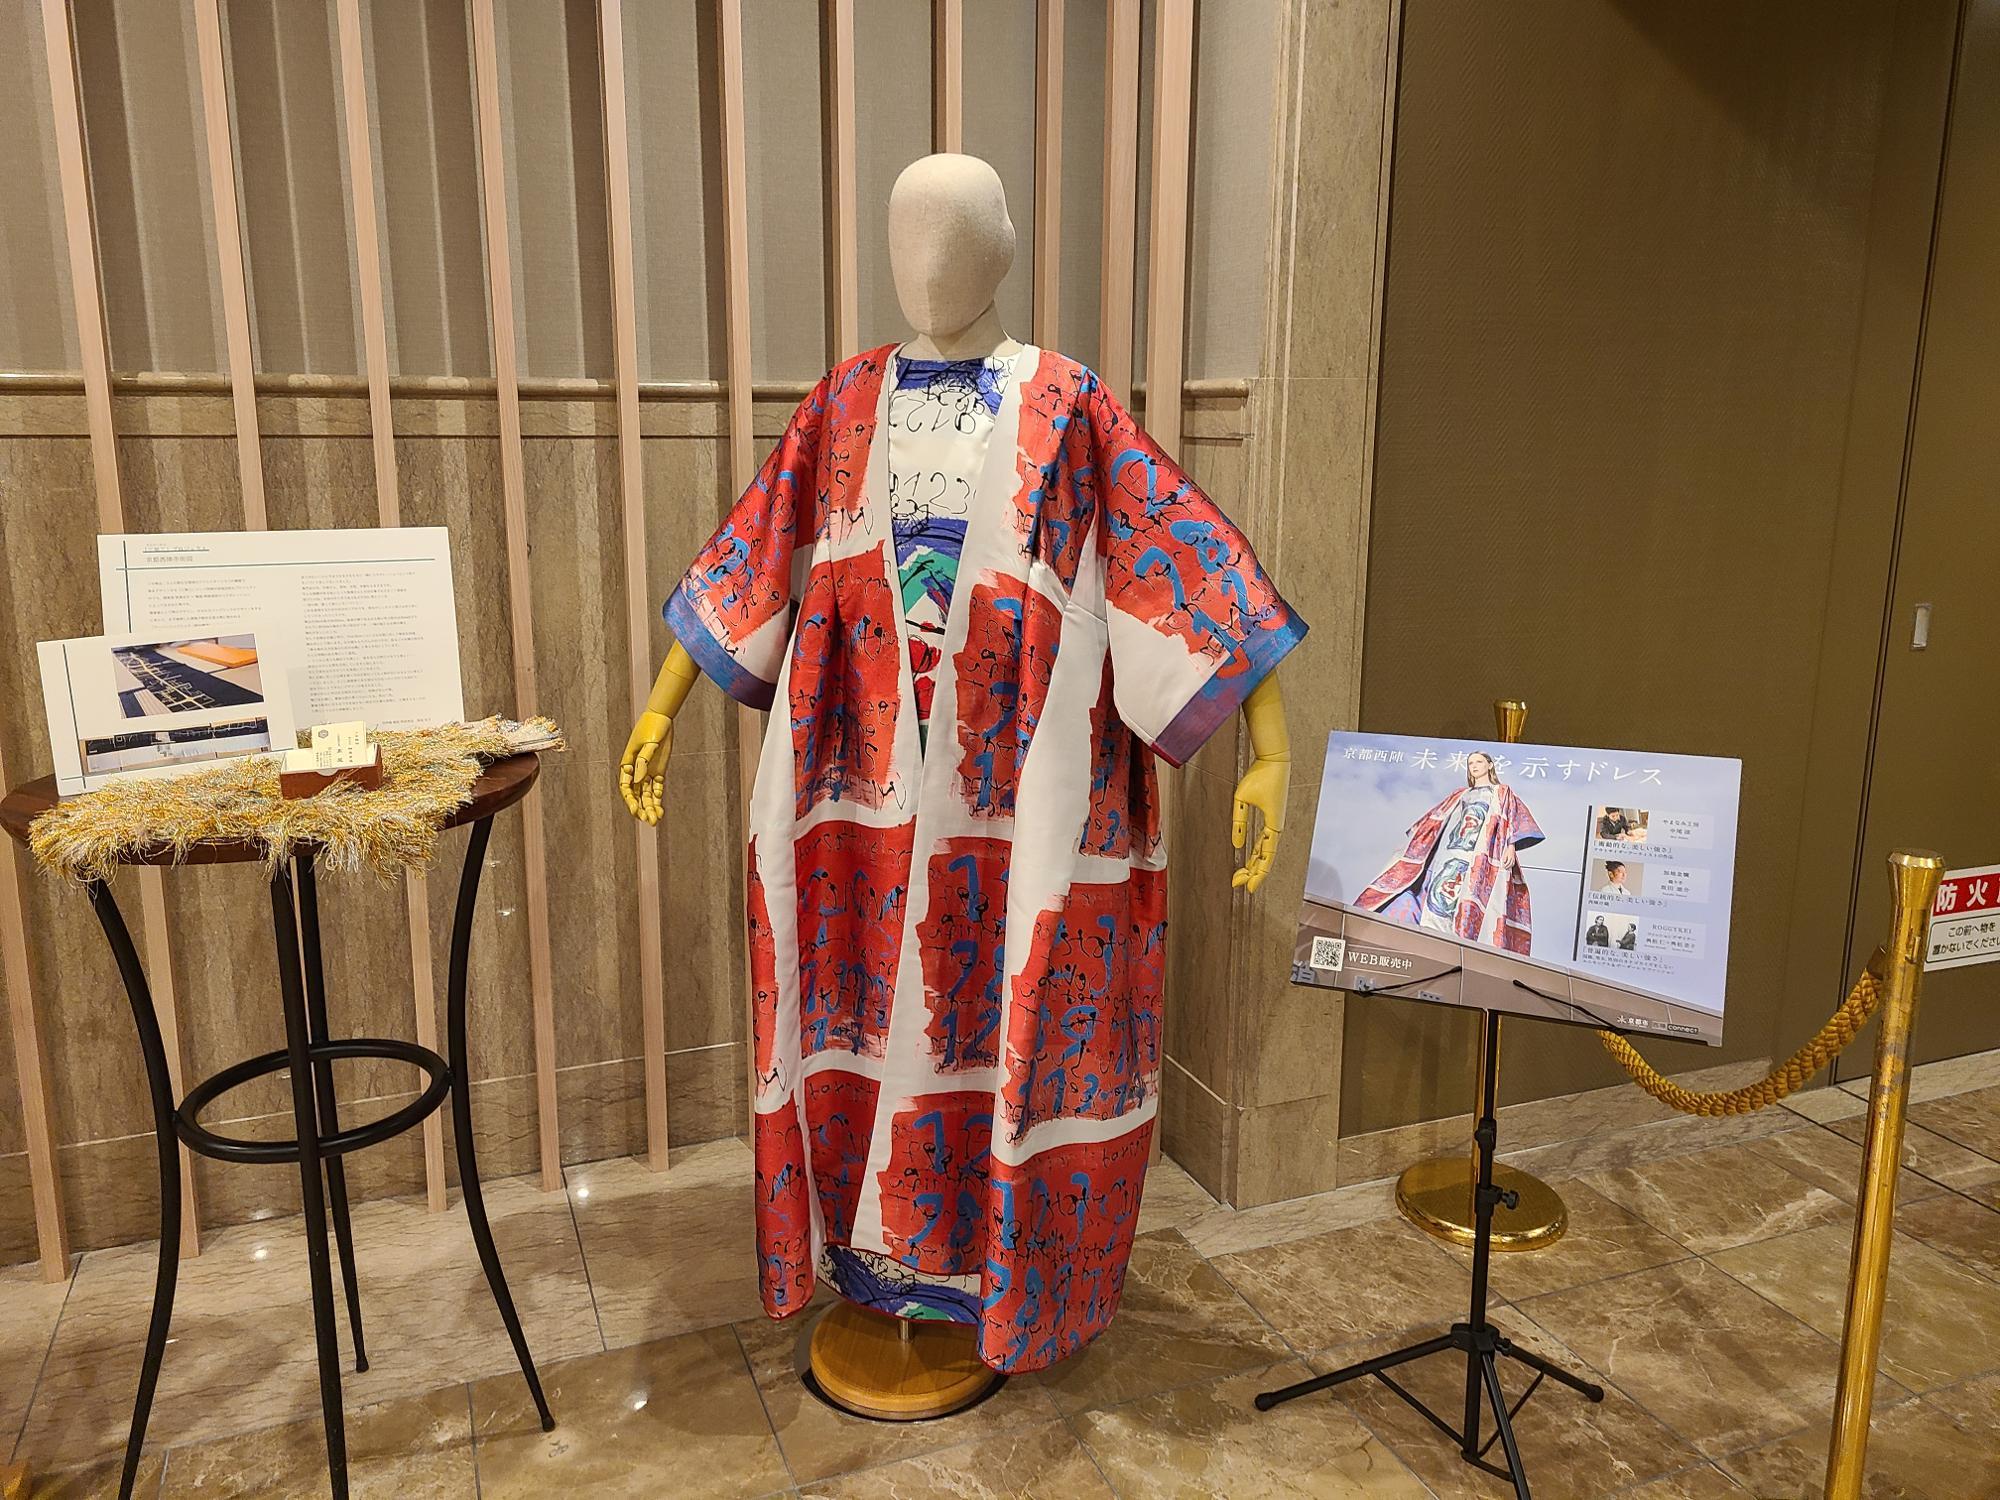 「西陣connect」展 ブライトンホテル